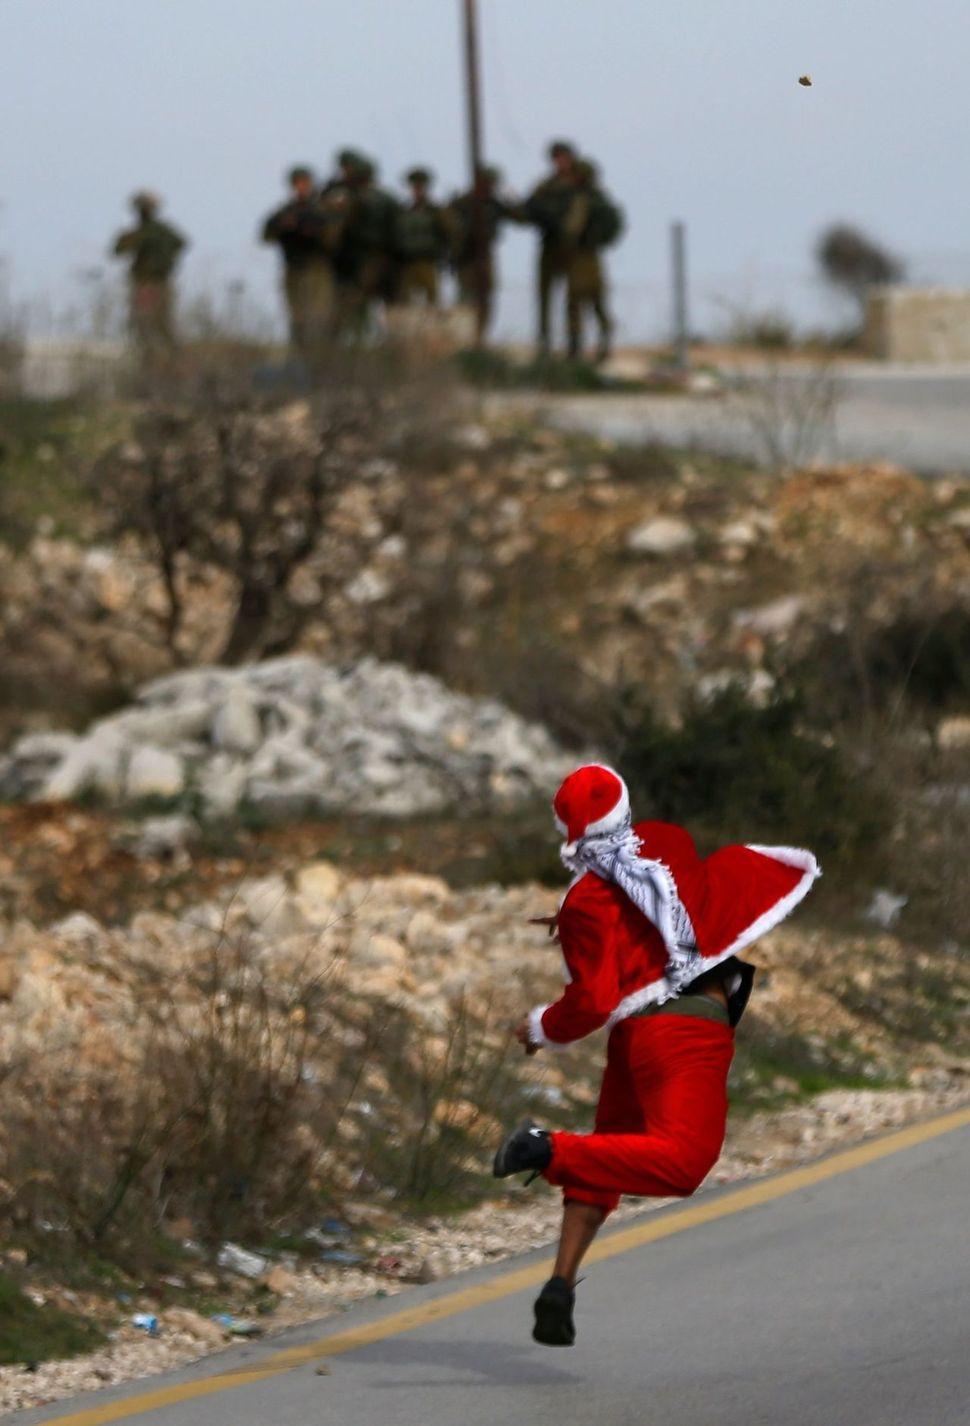 도널드 트럼프의 '예루살렘 수도' 선언 이후 예루살렘을 둘러싼 긴장이 고조된 가운데, 지난 19일(현지시각) 산타클로스 복장을 한 팔레스타인 시위자가 예루살렘 아타로트 검문소 주변에서 이스라엘군을 향해 돌을 던지고 있다. 예루살렘/AFP 연합뉴스